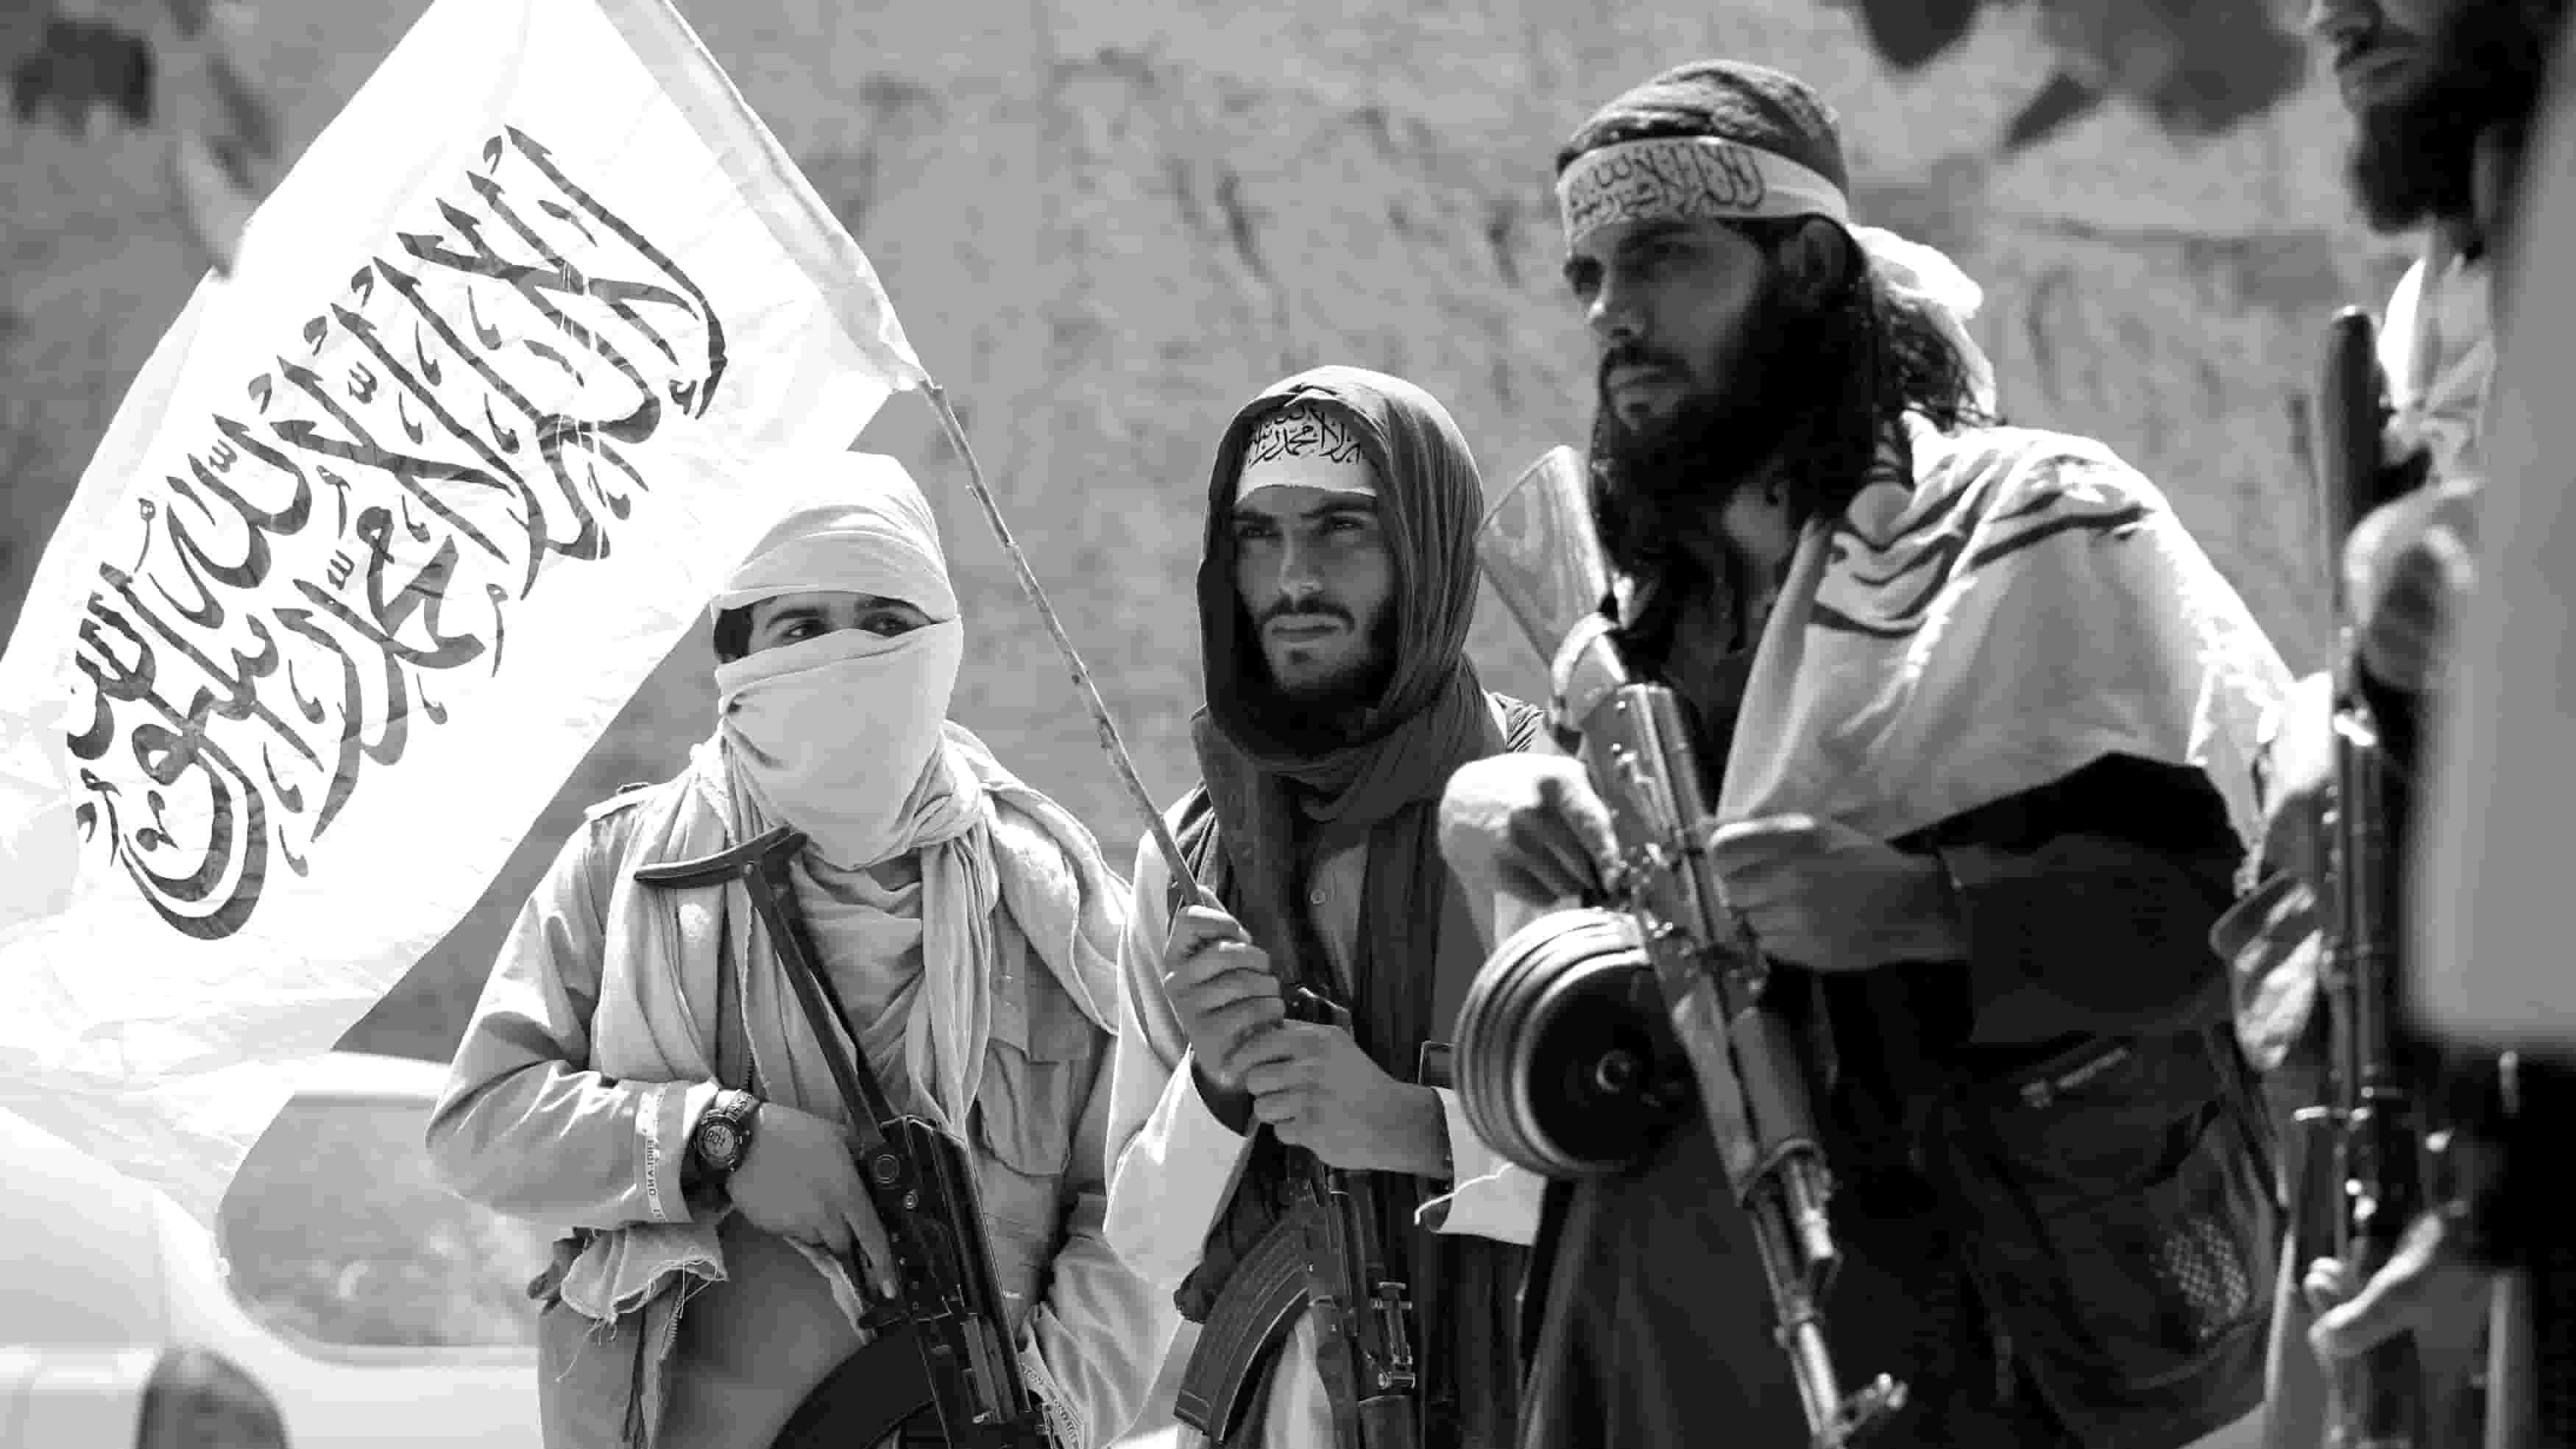 taliban-bayragi-tasiyan-silahli-militanlar-min.jpg